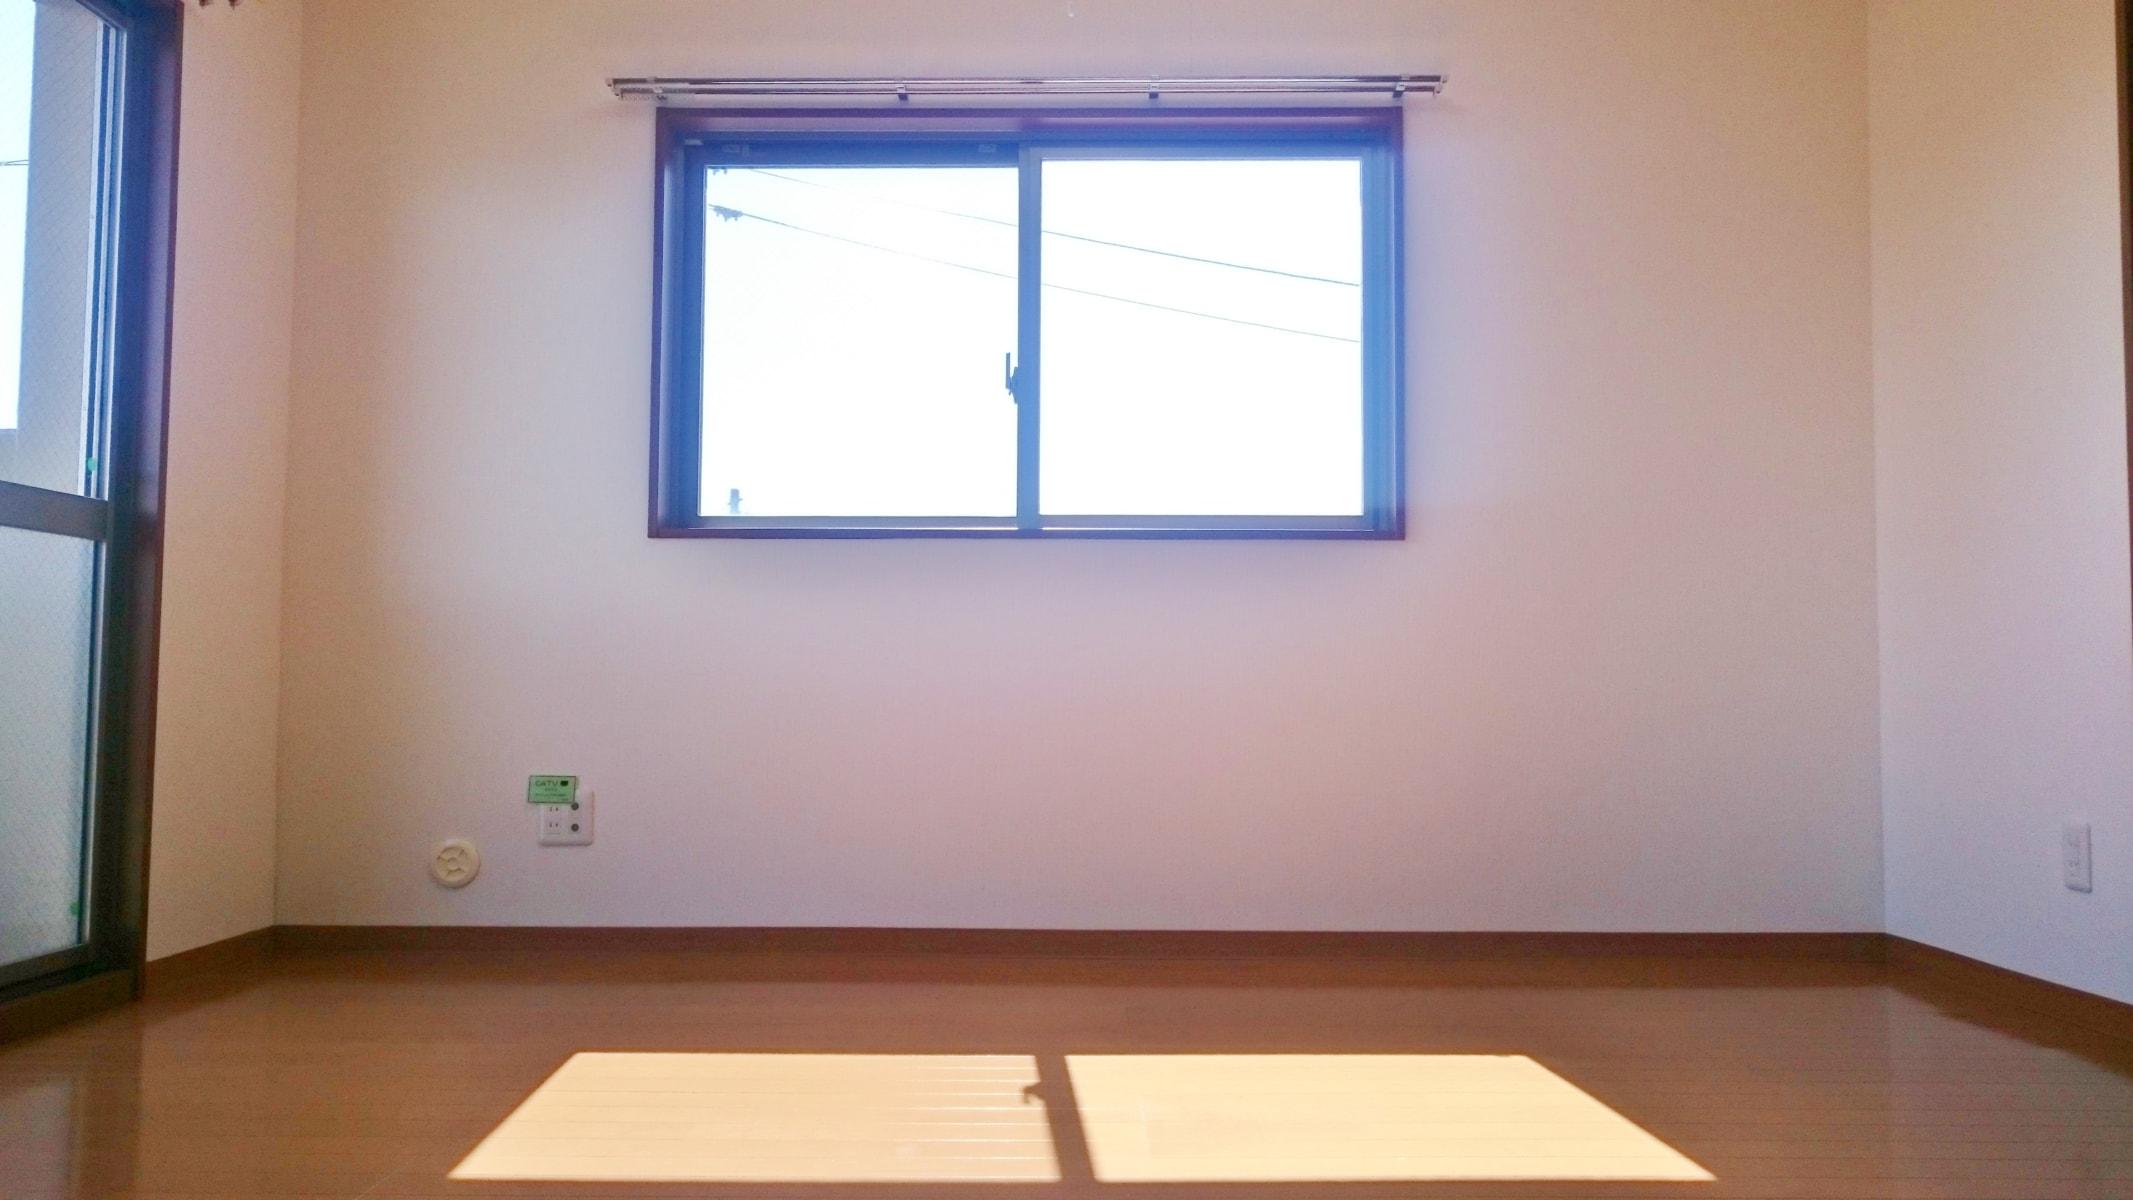 【秋田県・秋田市寺内堂ノ沢】賃貸 マンション 2DK Y&M カガリ―ハイム 洋室